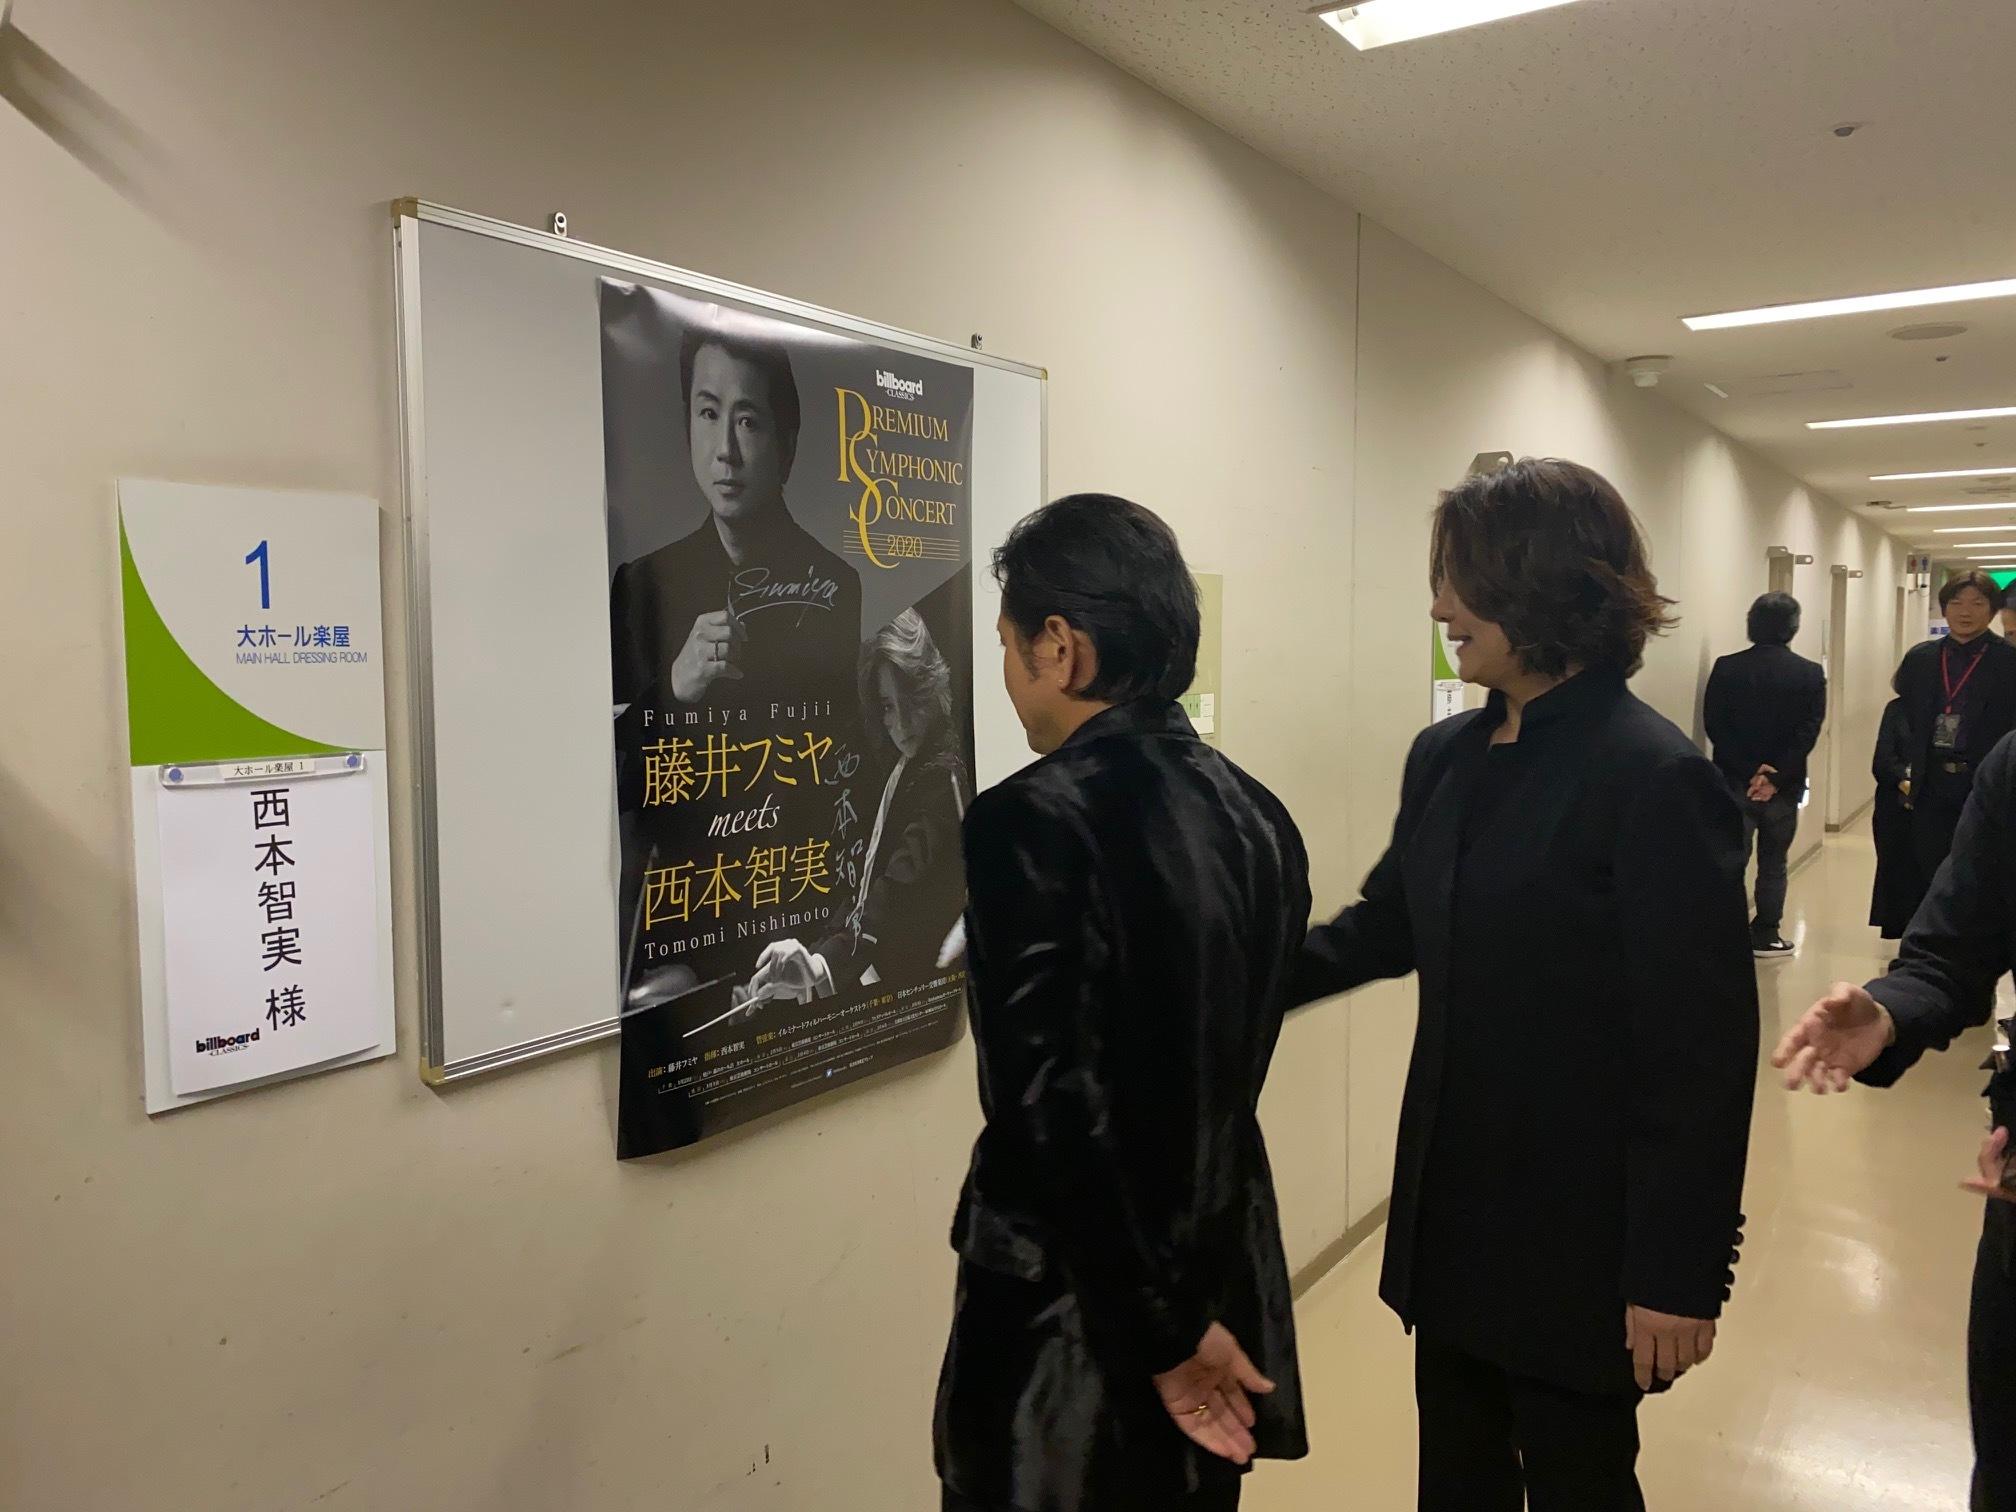 藤井フミヤさん&イルミナートフィル_a0155408_20495920.jpeg